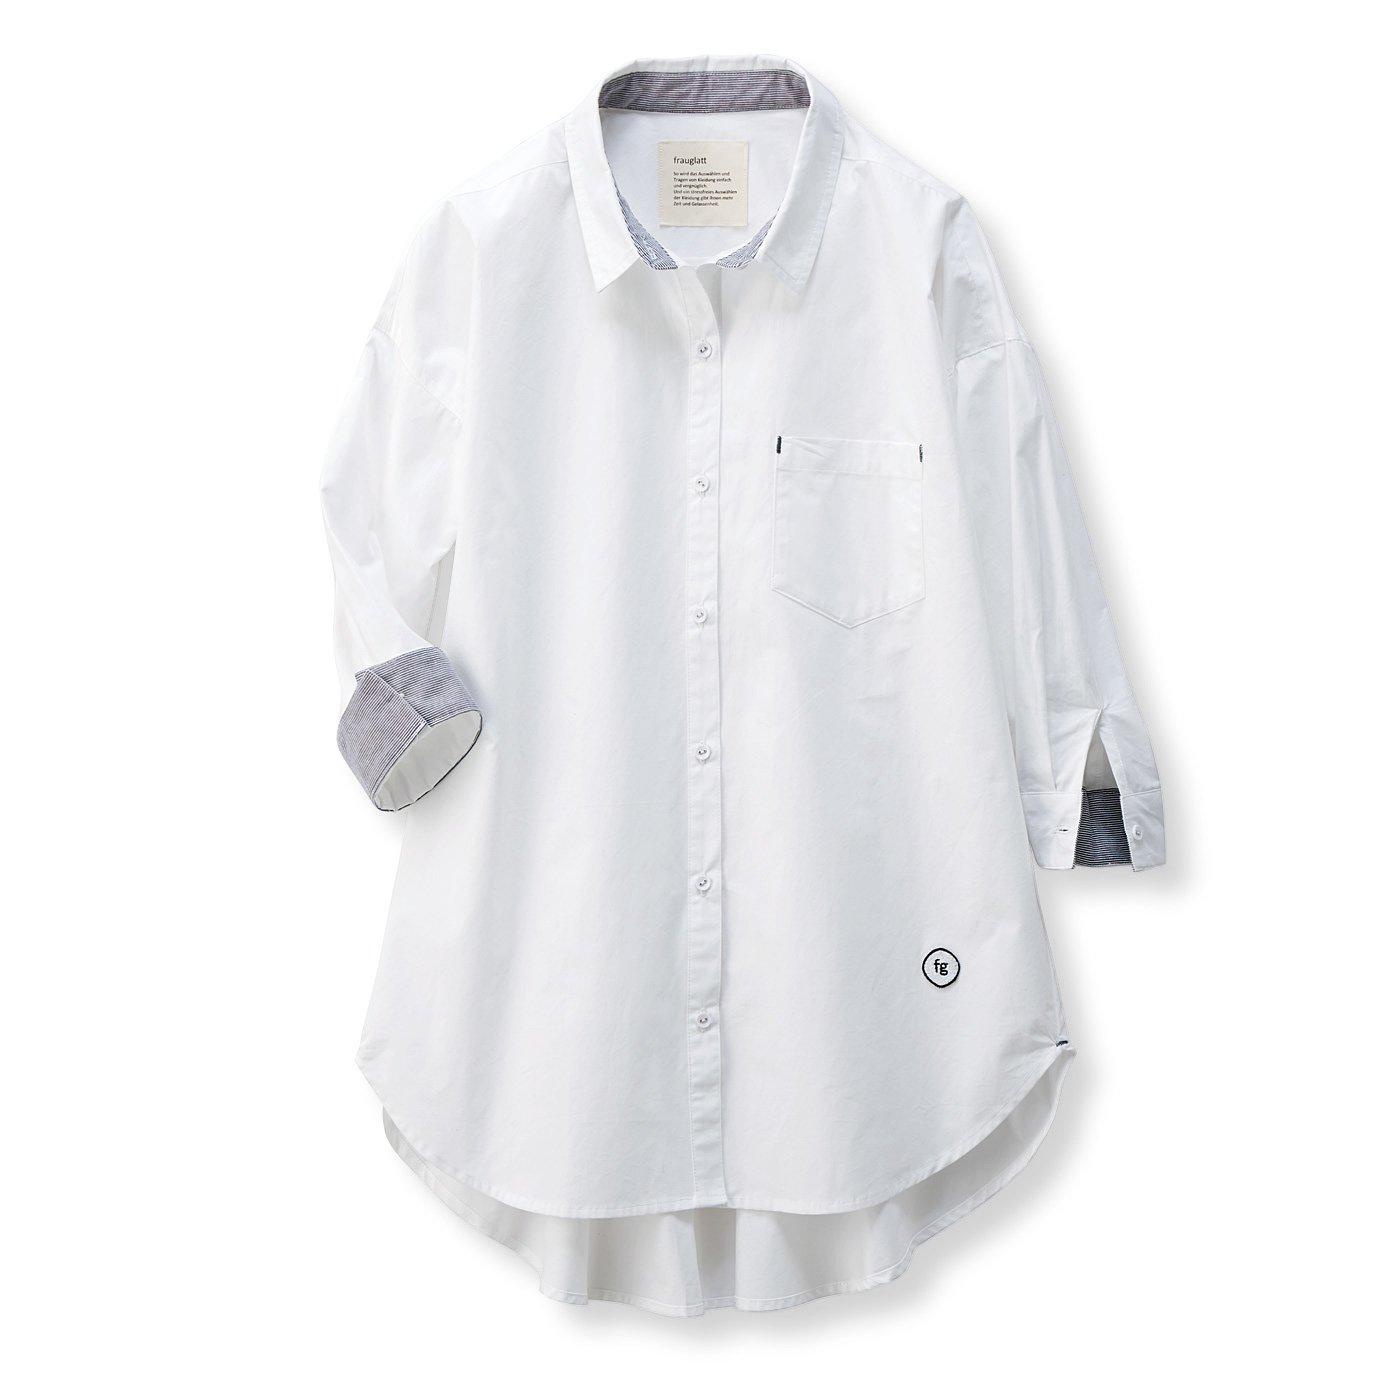 フラウグラット イージーケアで便利なホワイトシャツチュニック〈オフホワイト×黒ストライプ〉